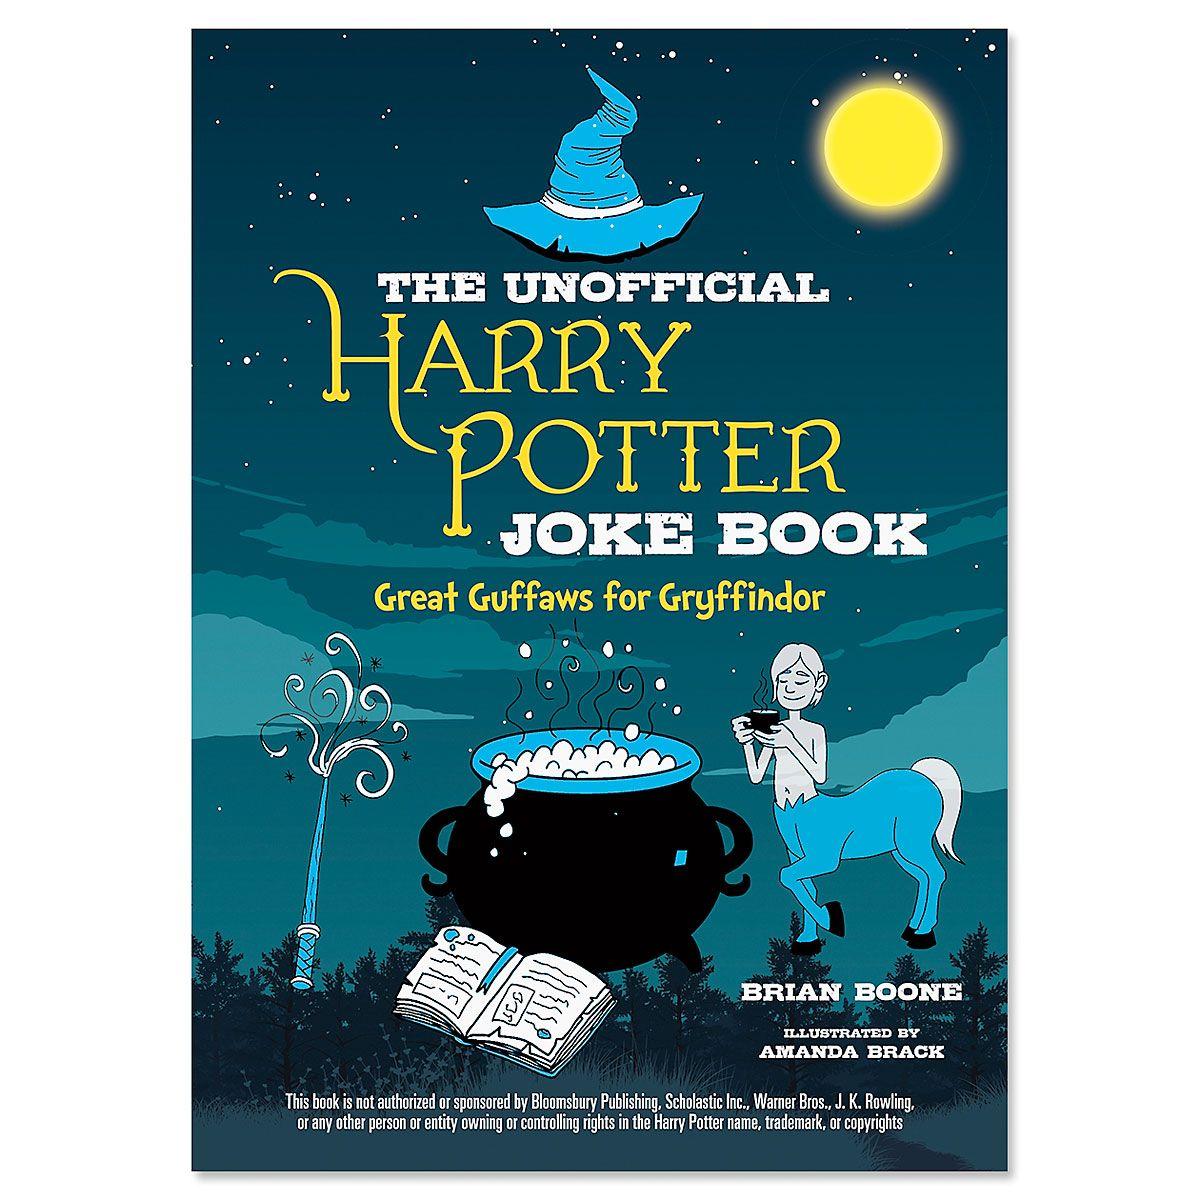 Gryffindor Harry Potter Joke Book